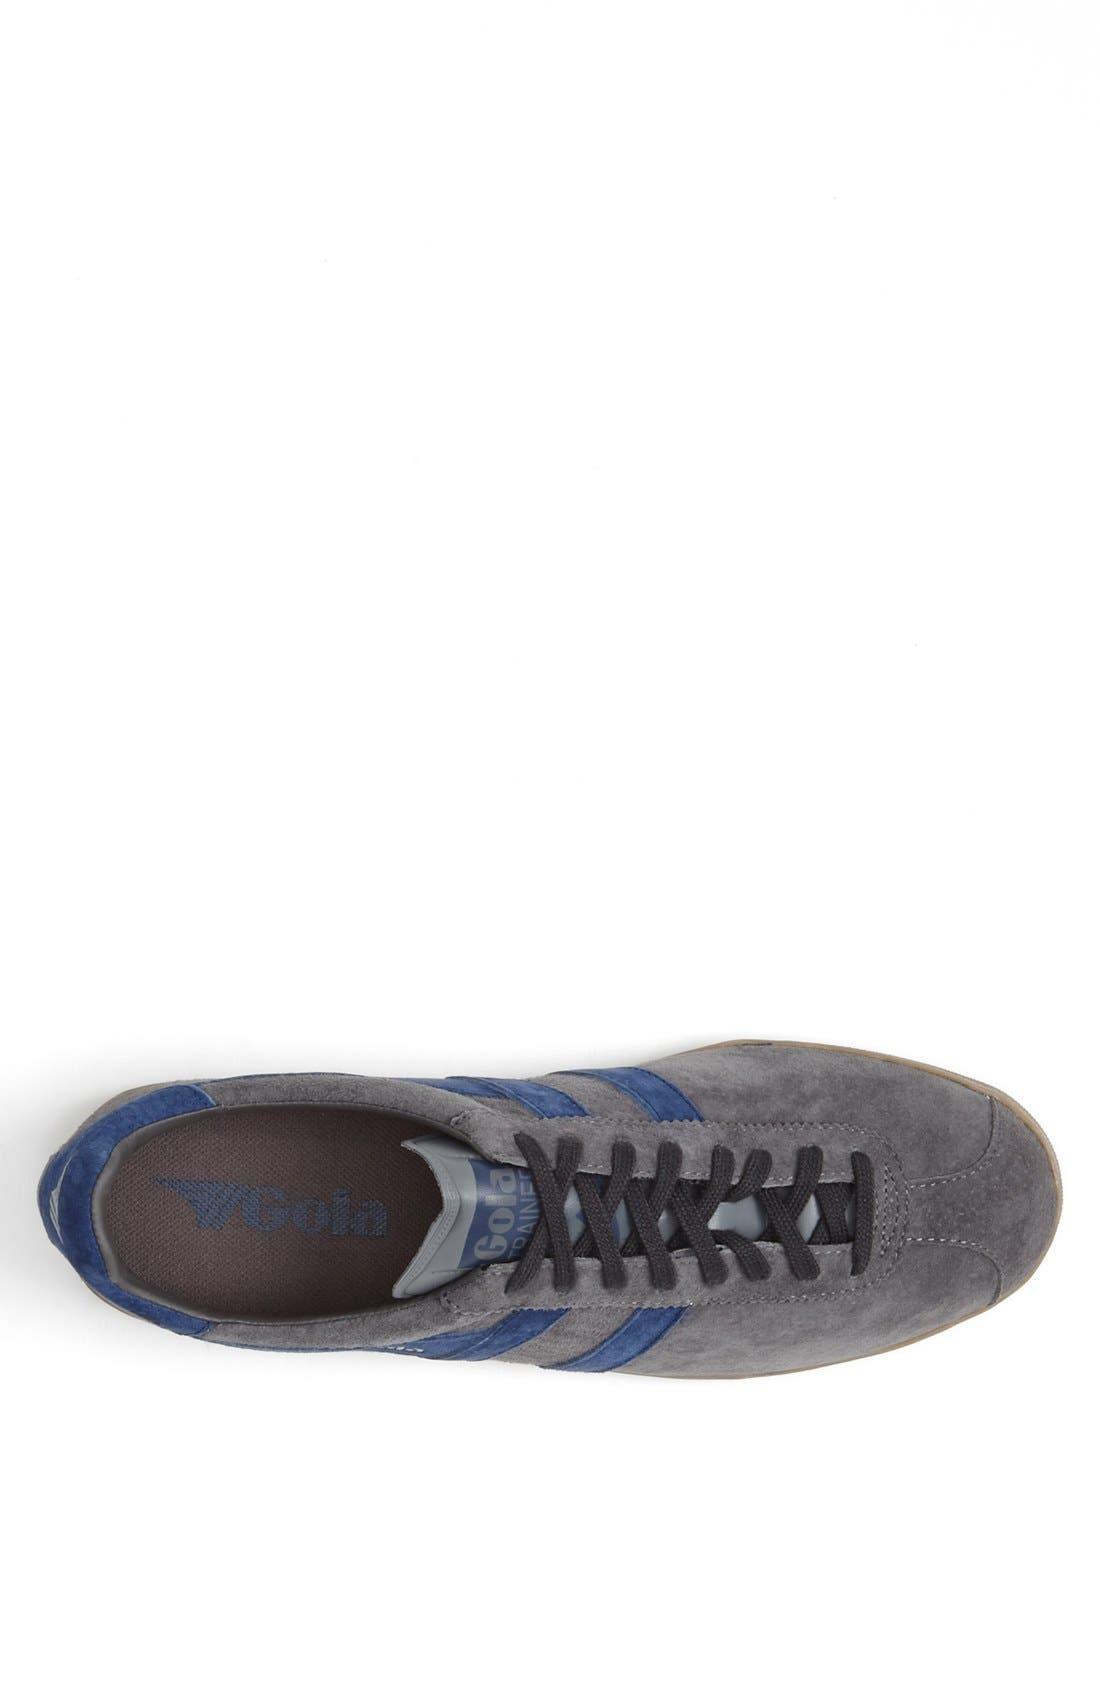 Alternate Image 3  - Gola 'Trainer' Sneaker (Men)